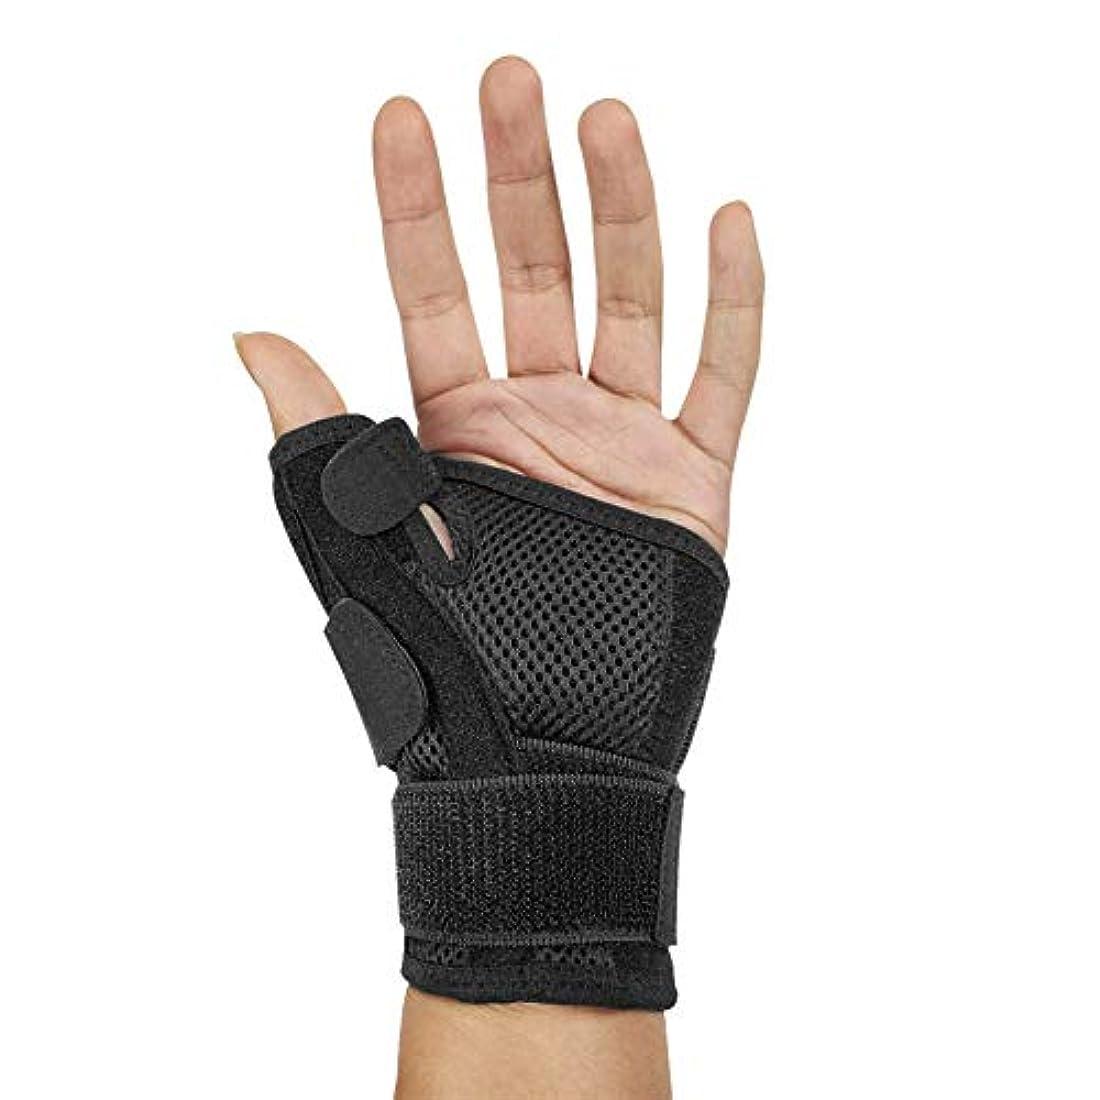 望遠鏡コーヒー含む指サポーター ばね指サポーター バネ指 腱鞘炎 指保護 固定 調整自在 左右兼用 フリーサイズ